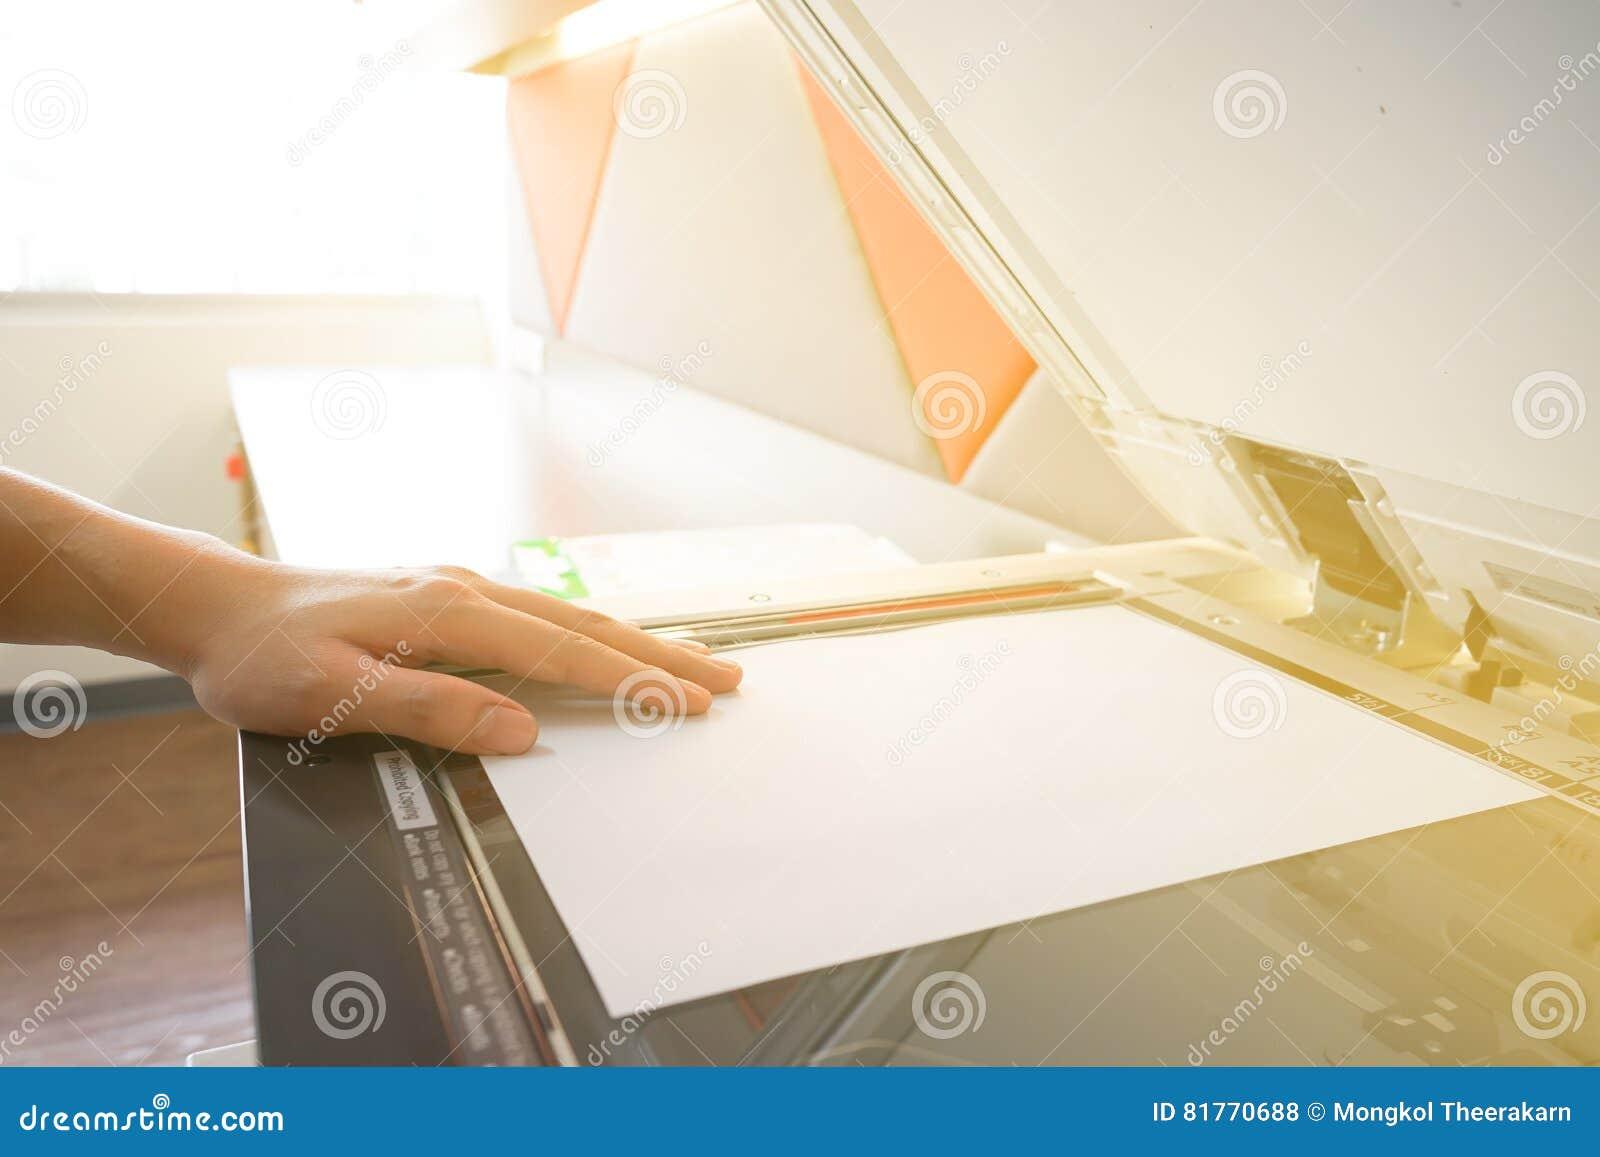 Equipaggi la carta per copie da luce solare della fotocopiatrice dalla finestra fotografia stock - Libro la luce alla finestra ...